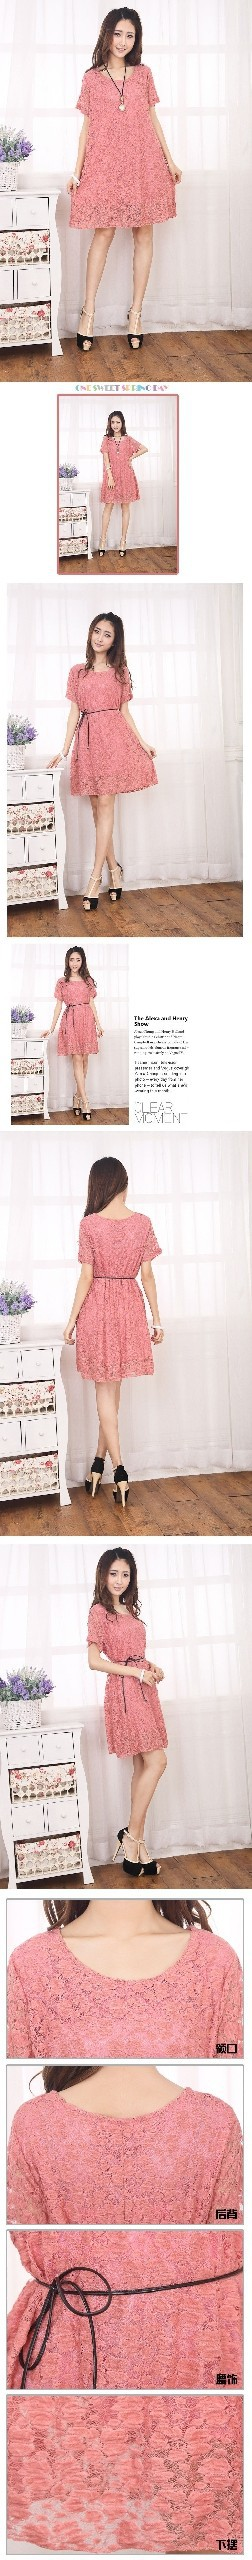 Женское платье Dream such as Ting big fat , 1107